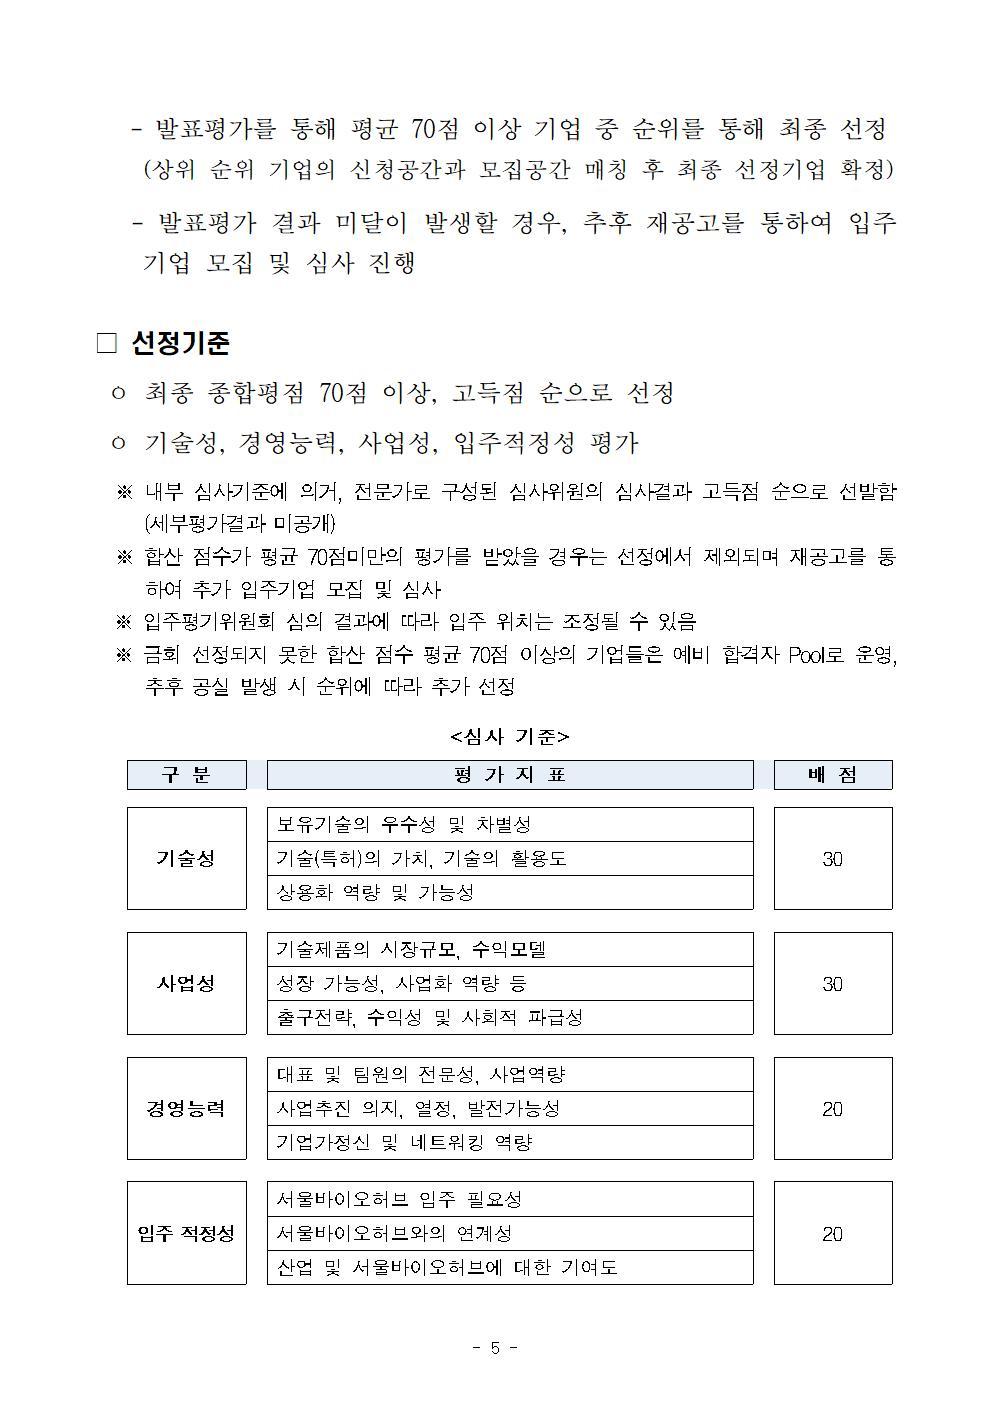 2019년 서울바이오허브 혁신 창업기업 모집 공고_final005